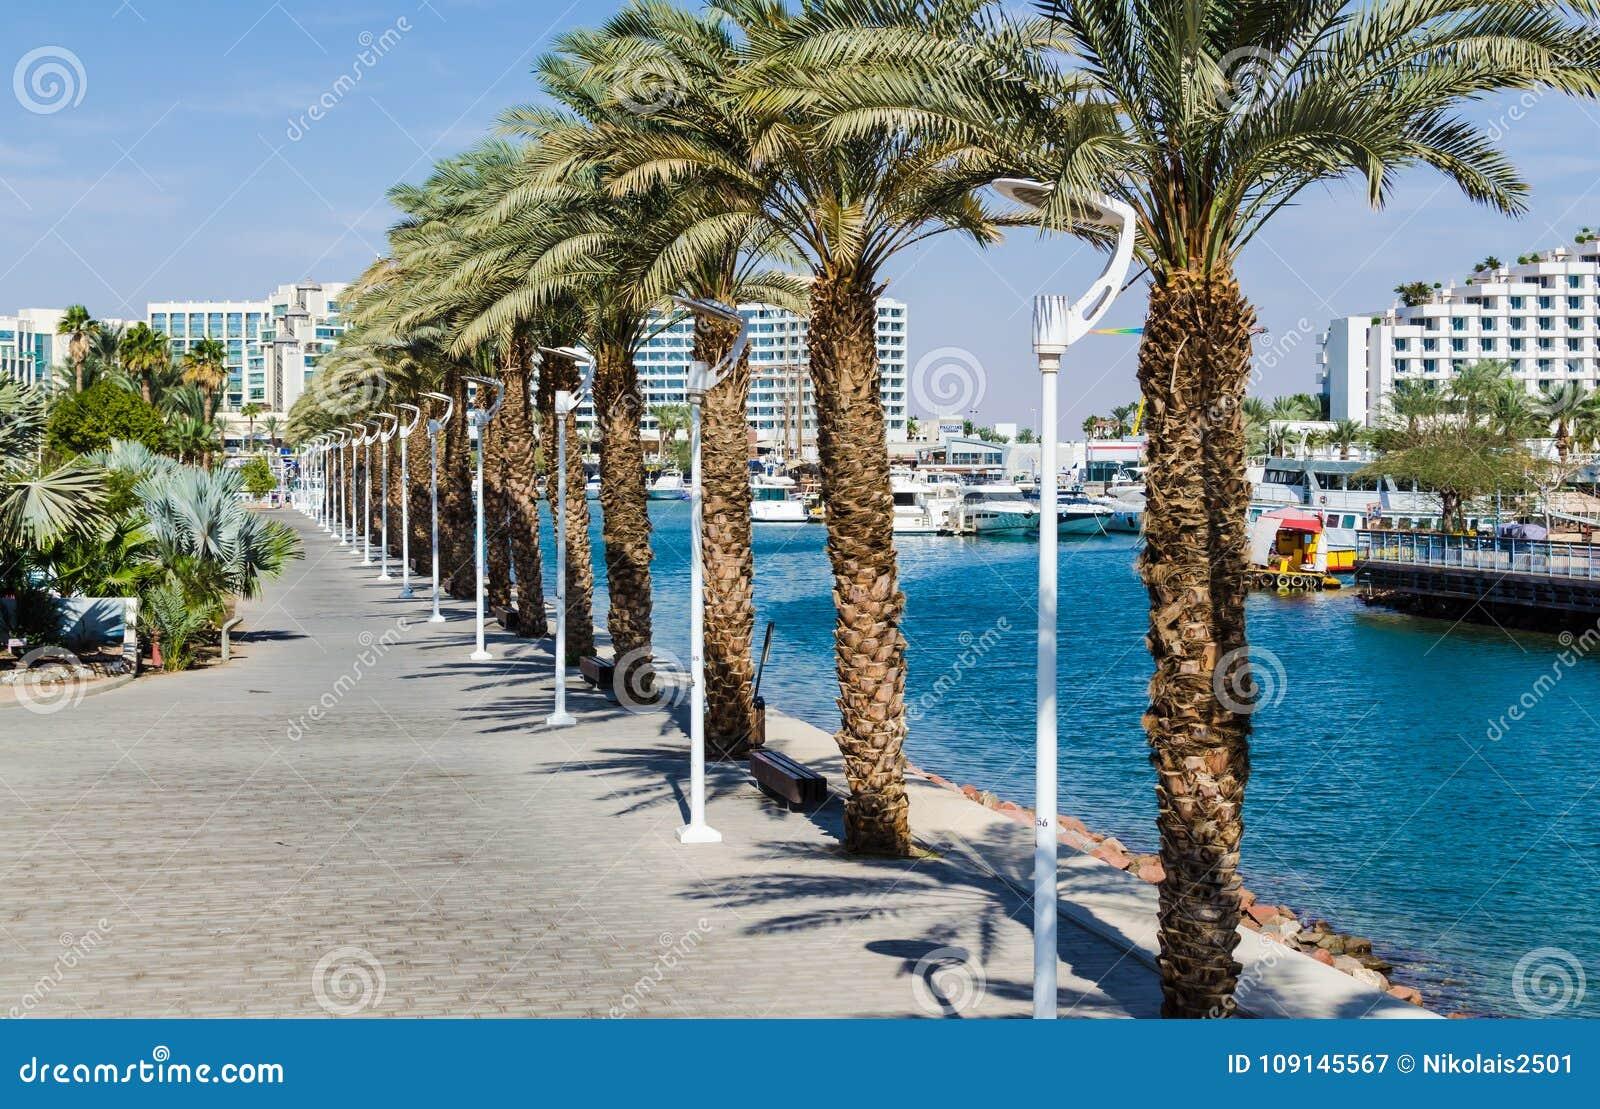 € «7-ое ноября 2017 EILAT, ИЗРАИЛЯ: вход к Марине, с прогулками, современные гостиничные комплексы, ладони